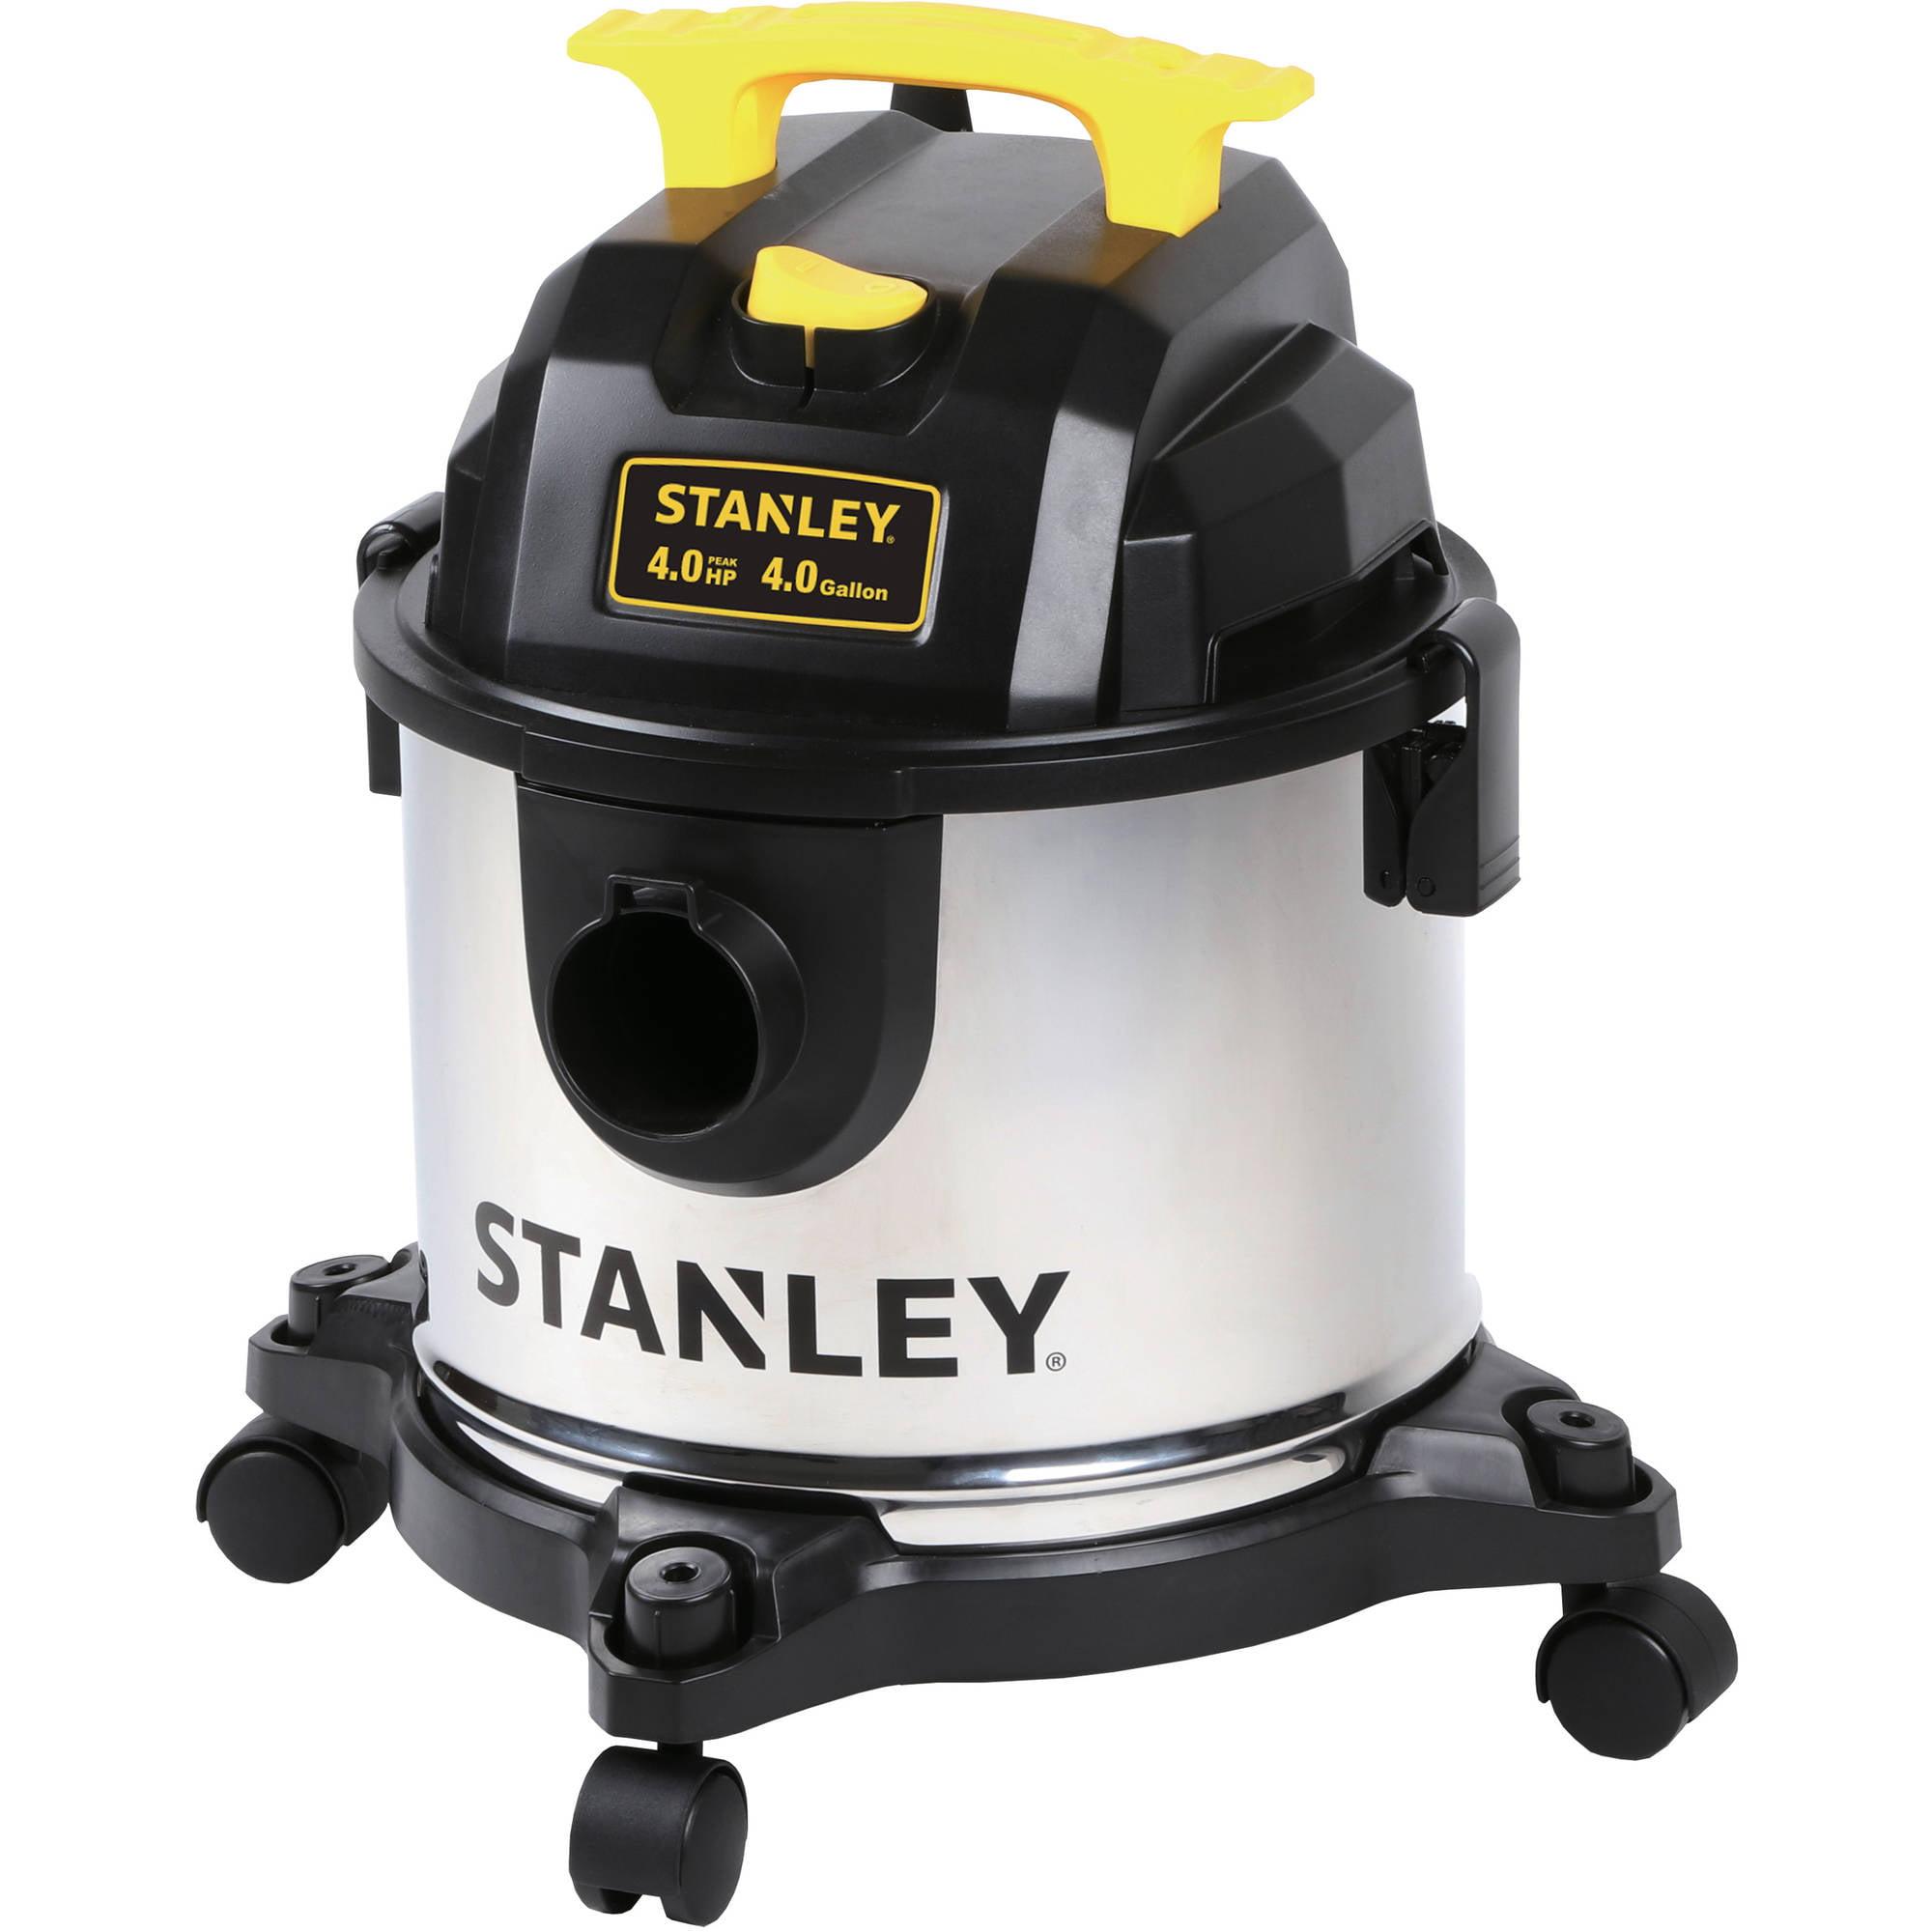 Stanley 4 Gallon 4 Peak HP Stainless Steel Wet/Dry Vac